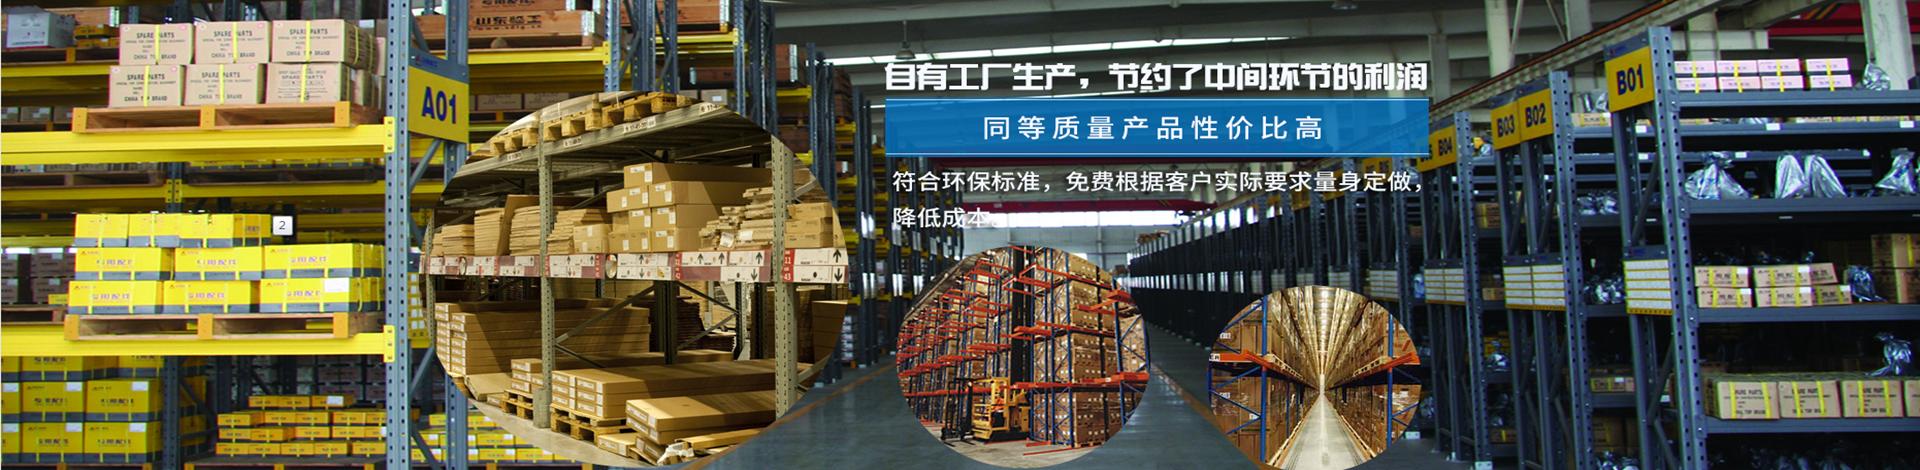 江苏国德仓储设备制造有限公司